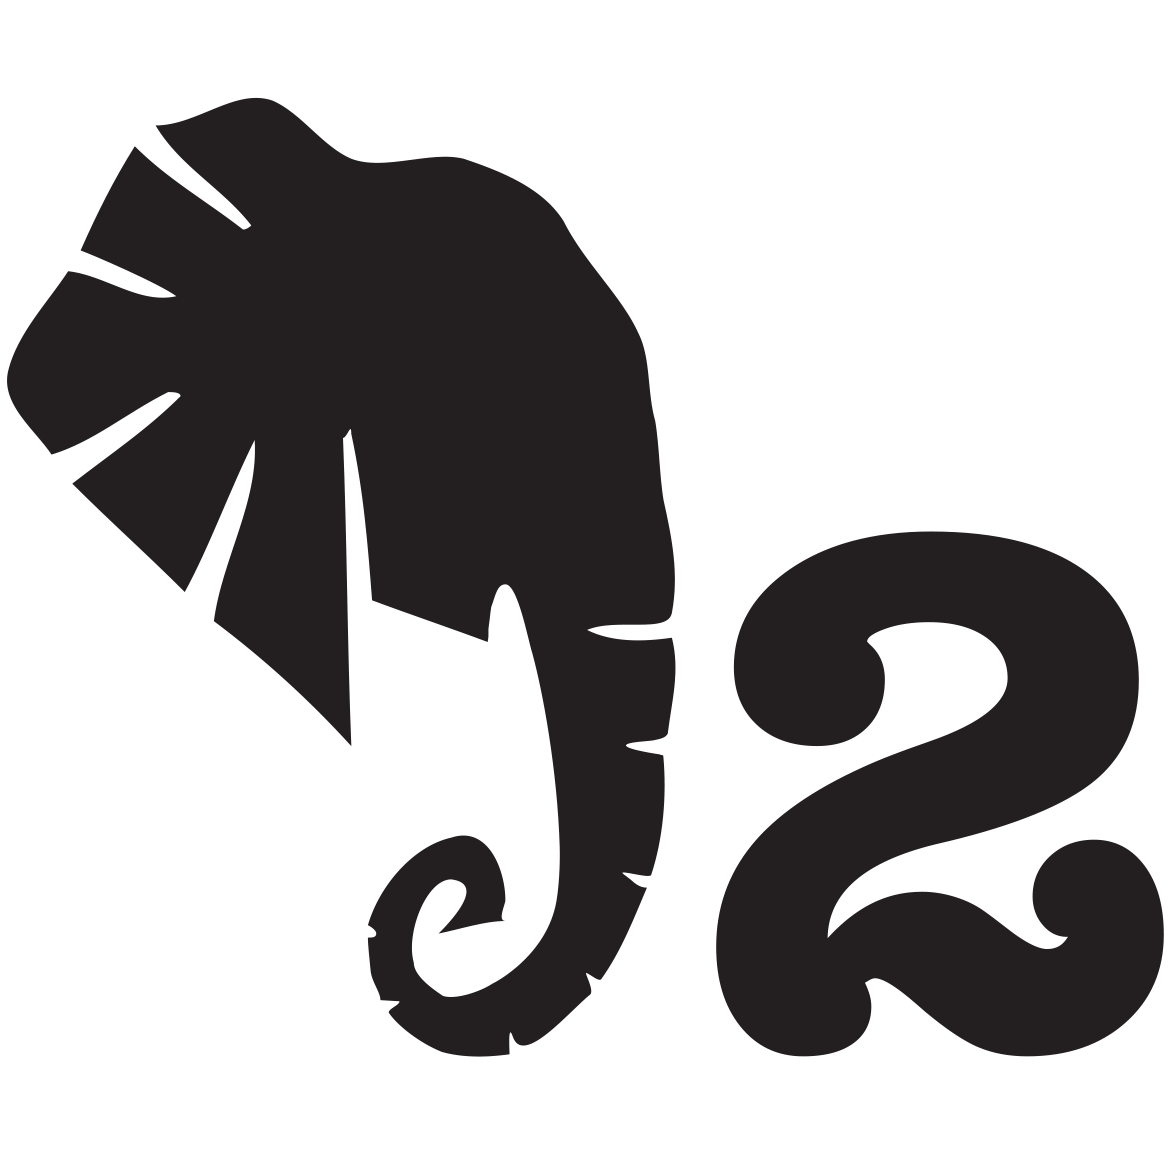 J2-logo-GJ-3-Square.png